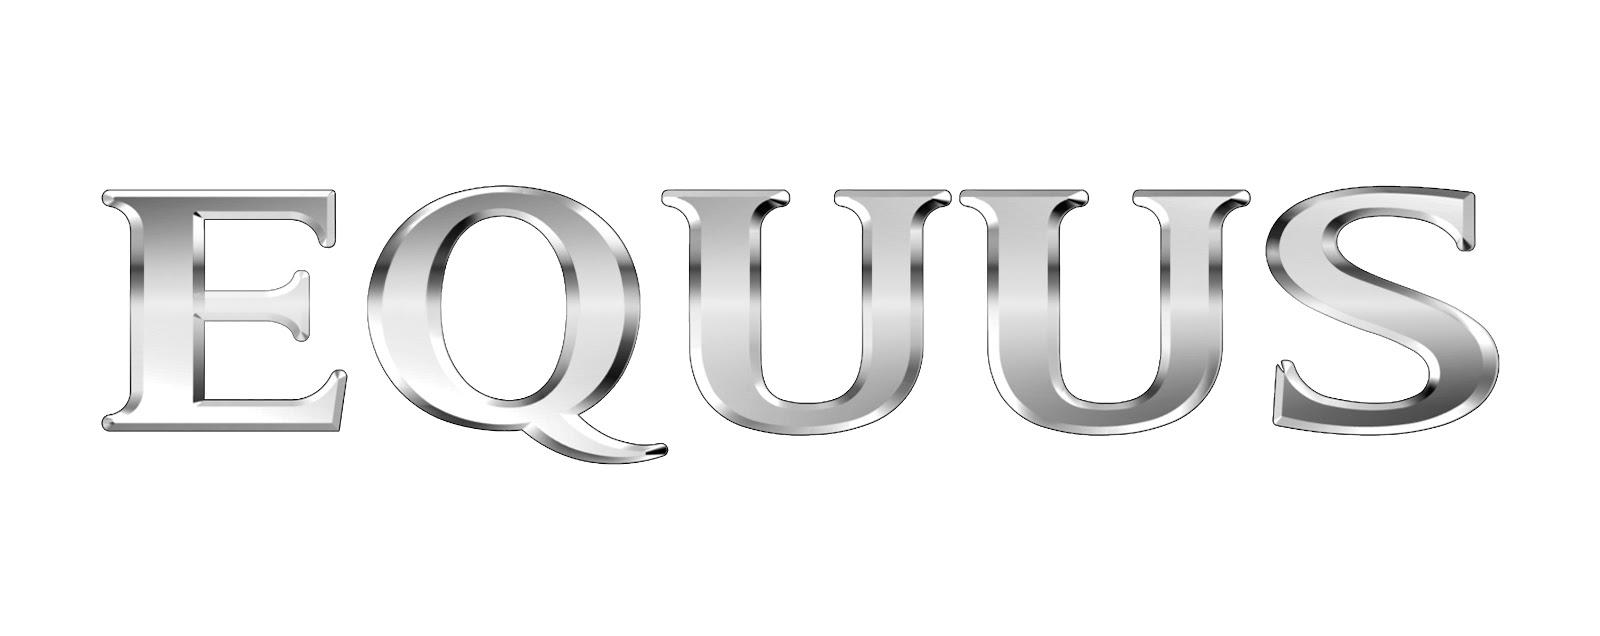 Equus Logos.